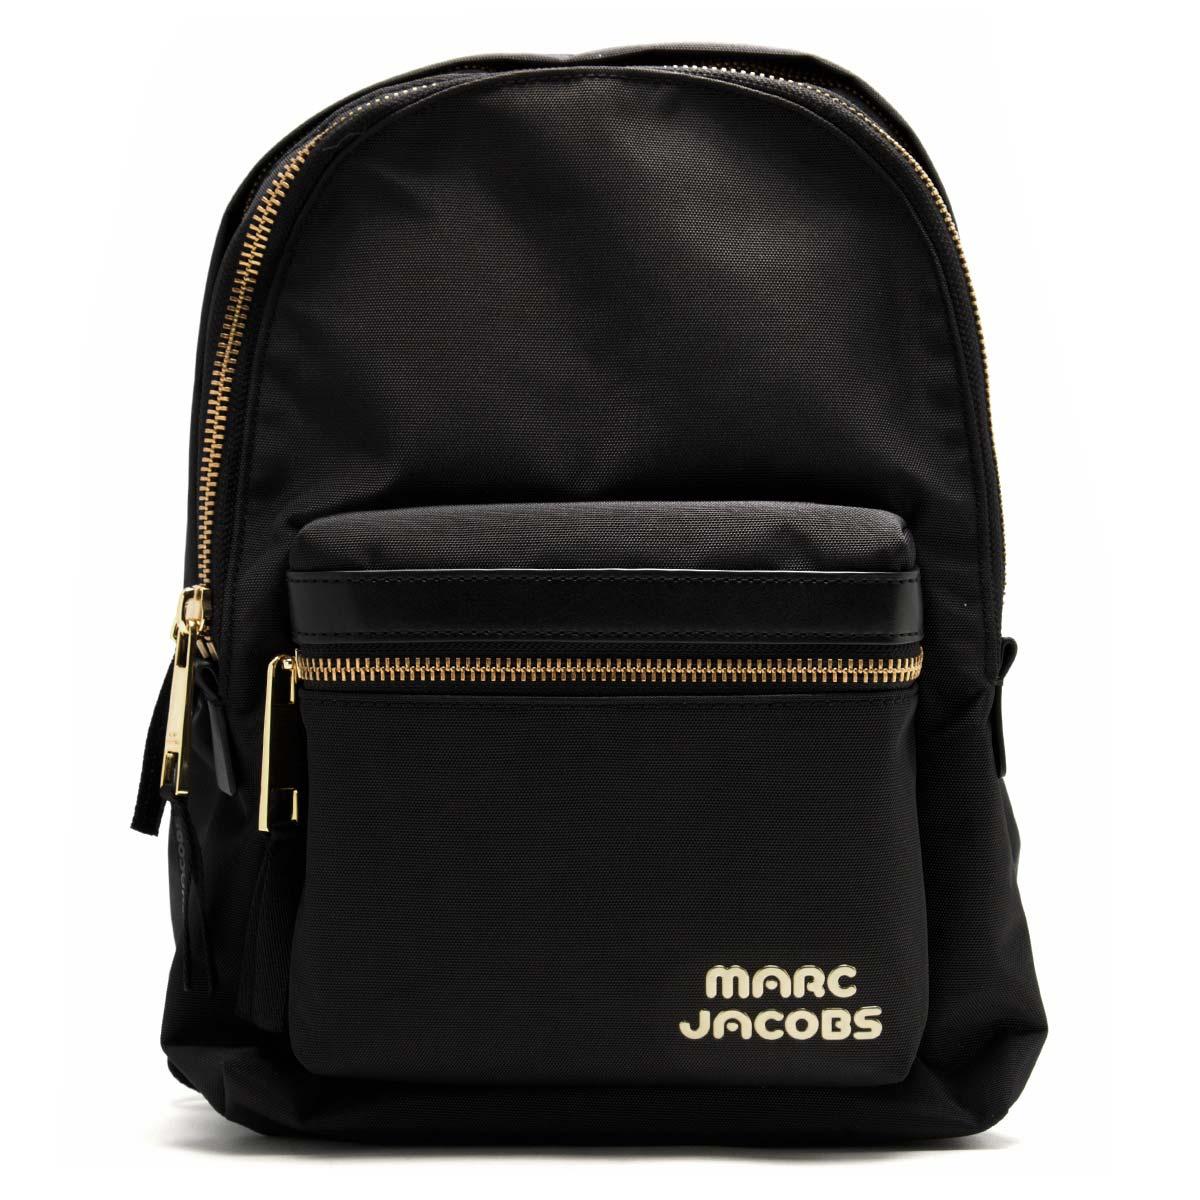 マークジェイコブス リュックサック/バックパック バッグ レディース トレック パック ミディアム ブラック M0014031 001 1SZ 2018年秋冬新作 MARC JACOBS